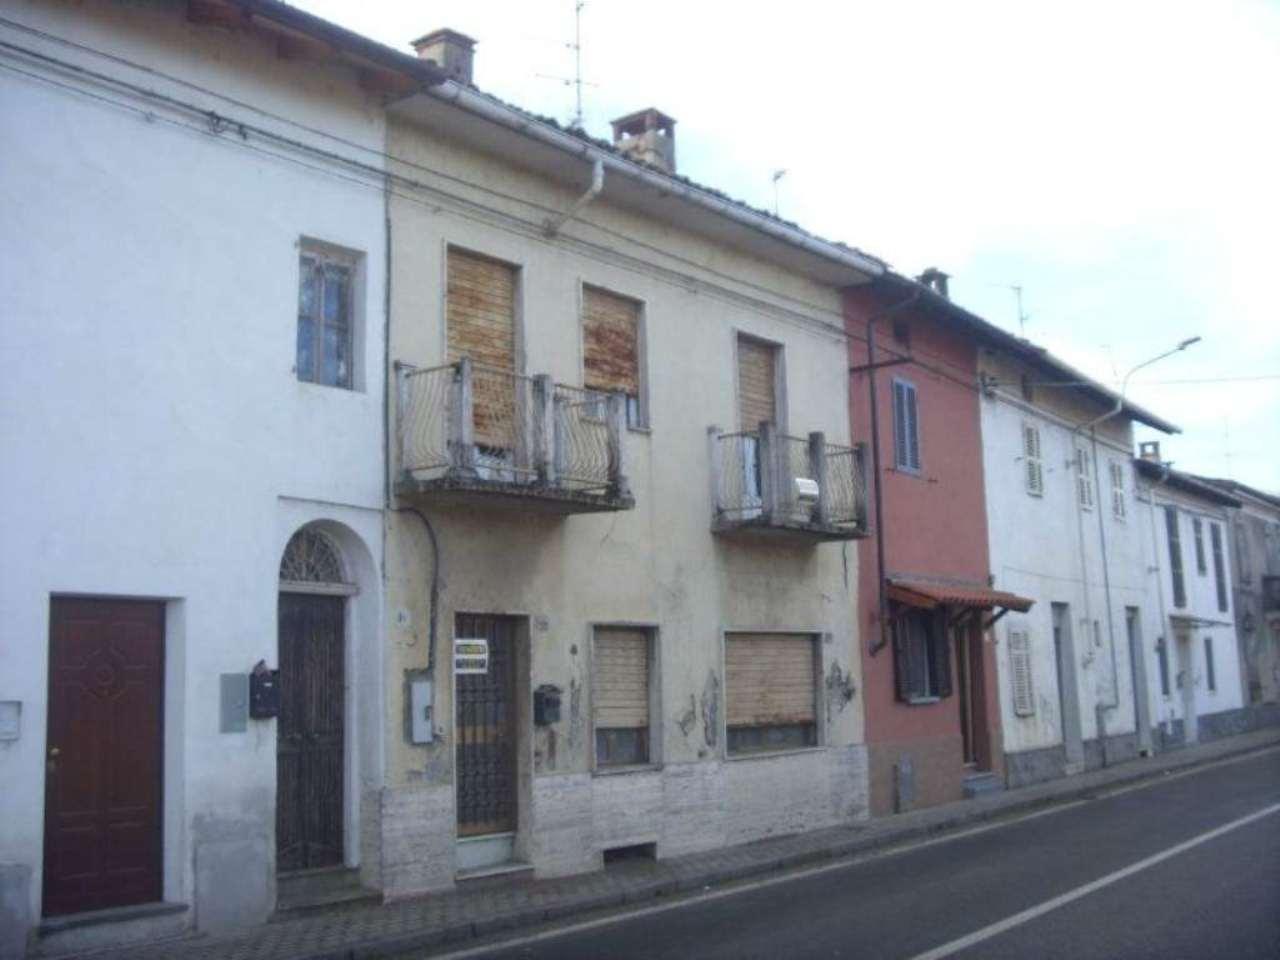 Palazzo / Stabile in vendita a Ronsecco, 4 locali, prezzo € 40.000 | PortaleAgenzieImmobiliari.it